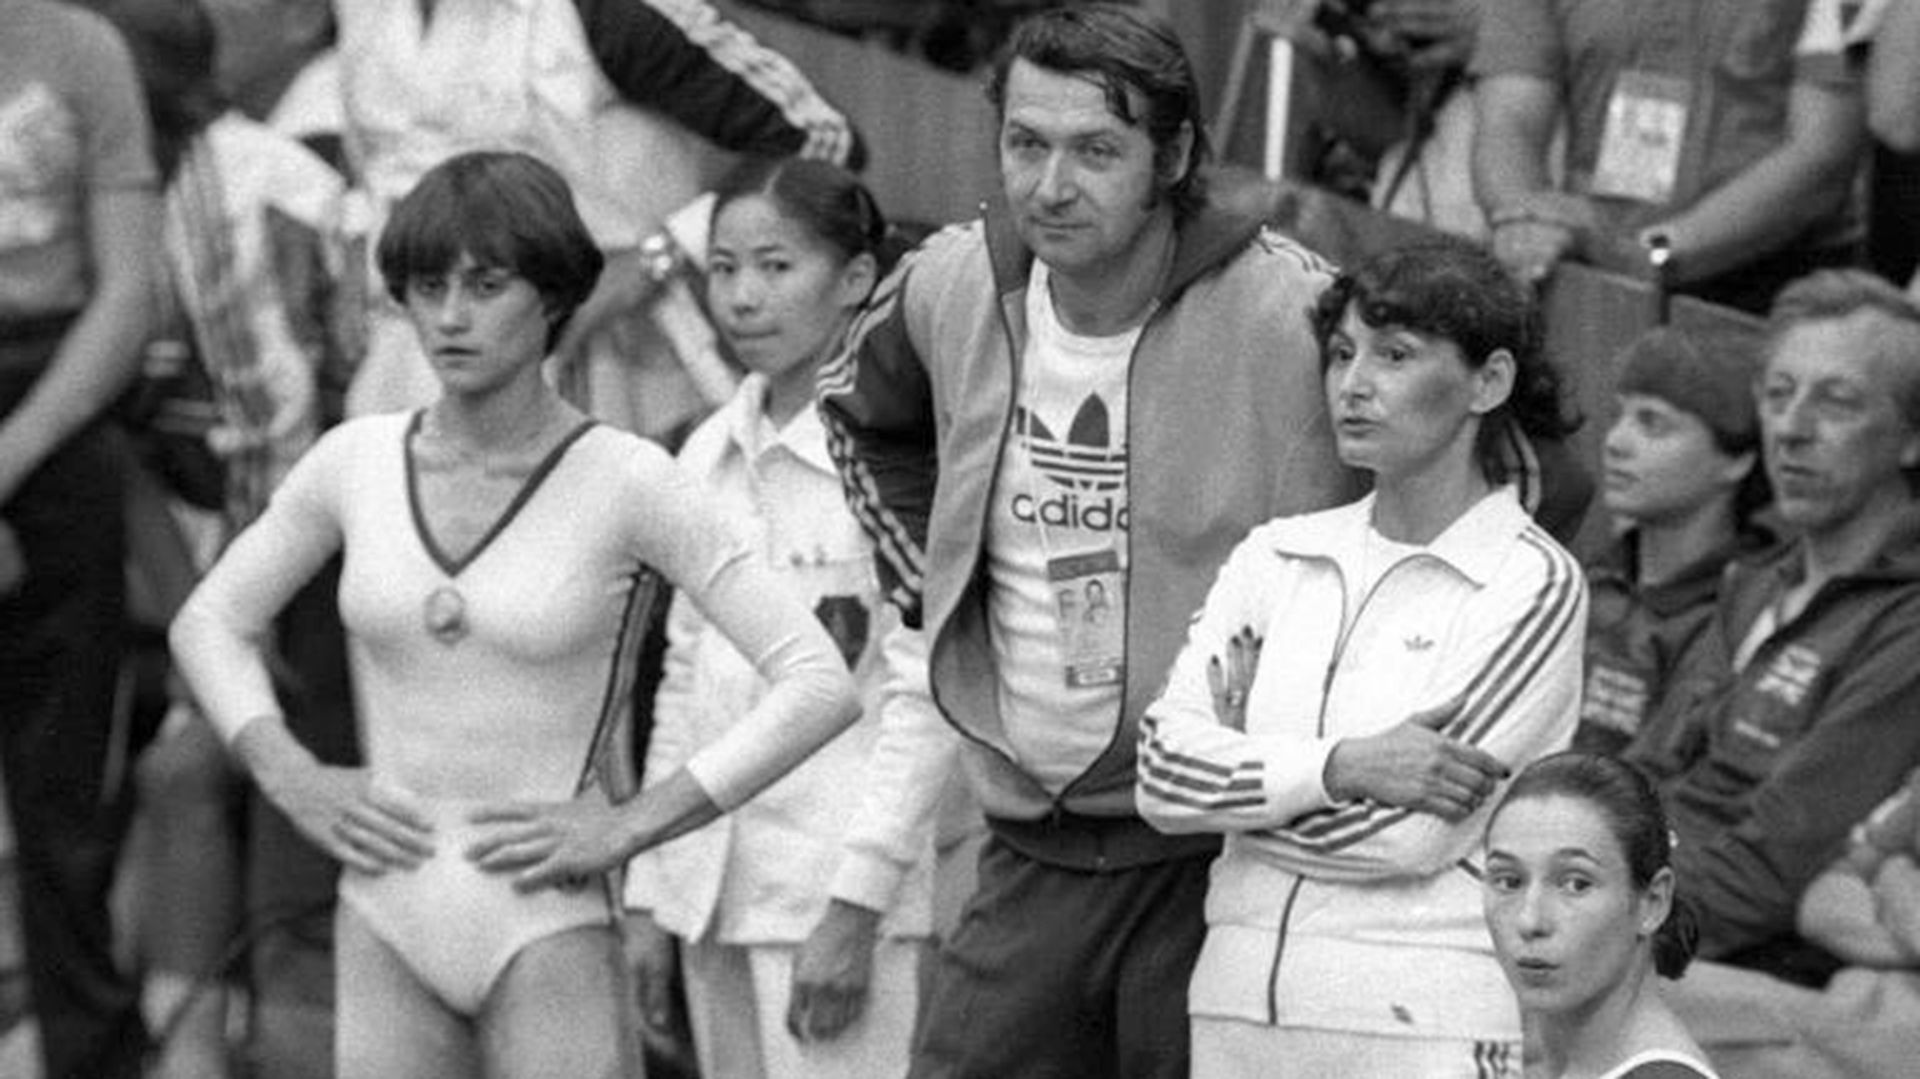 El matriomoni Karolyi durante los Juegos Olímpicos de Montreal 76. A la izquierda de la imagen, una joven Nadia Comaneci (AP)